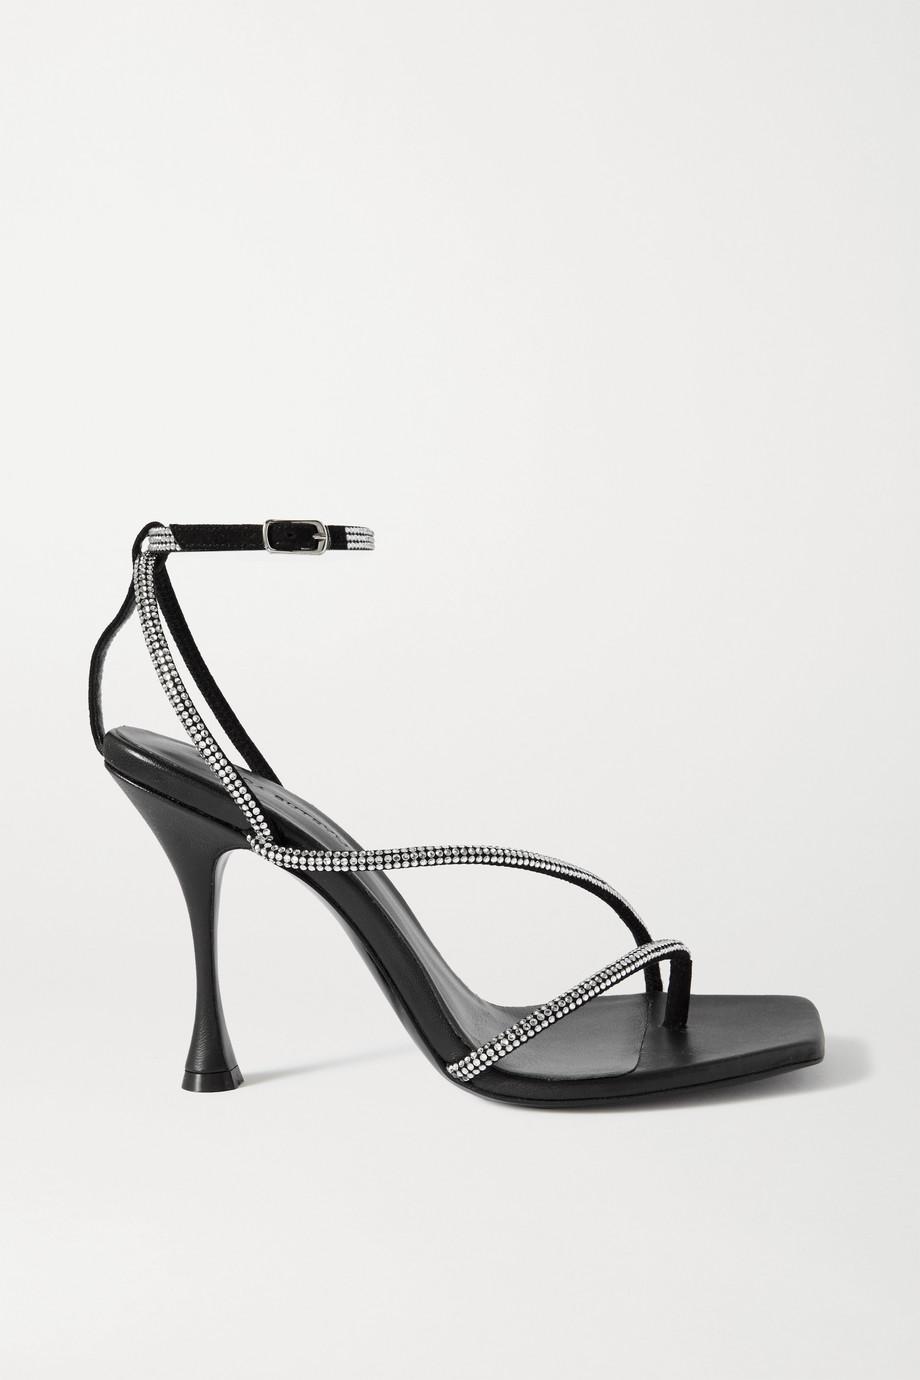 Magda Butrym Crystal-embellished suede sandals